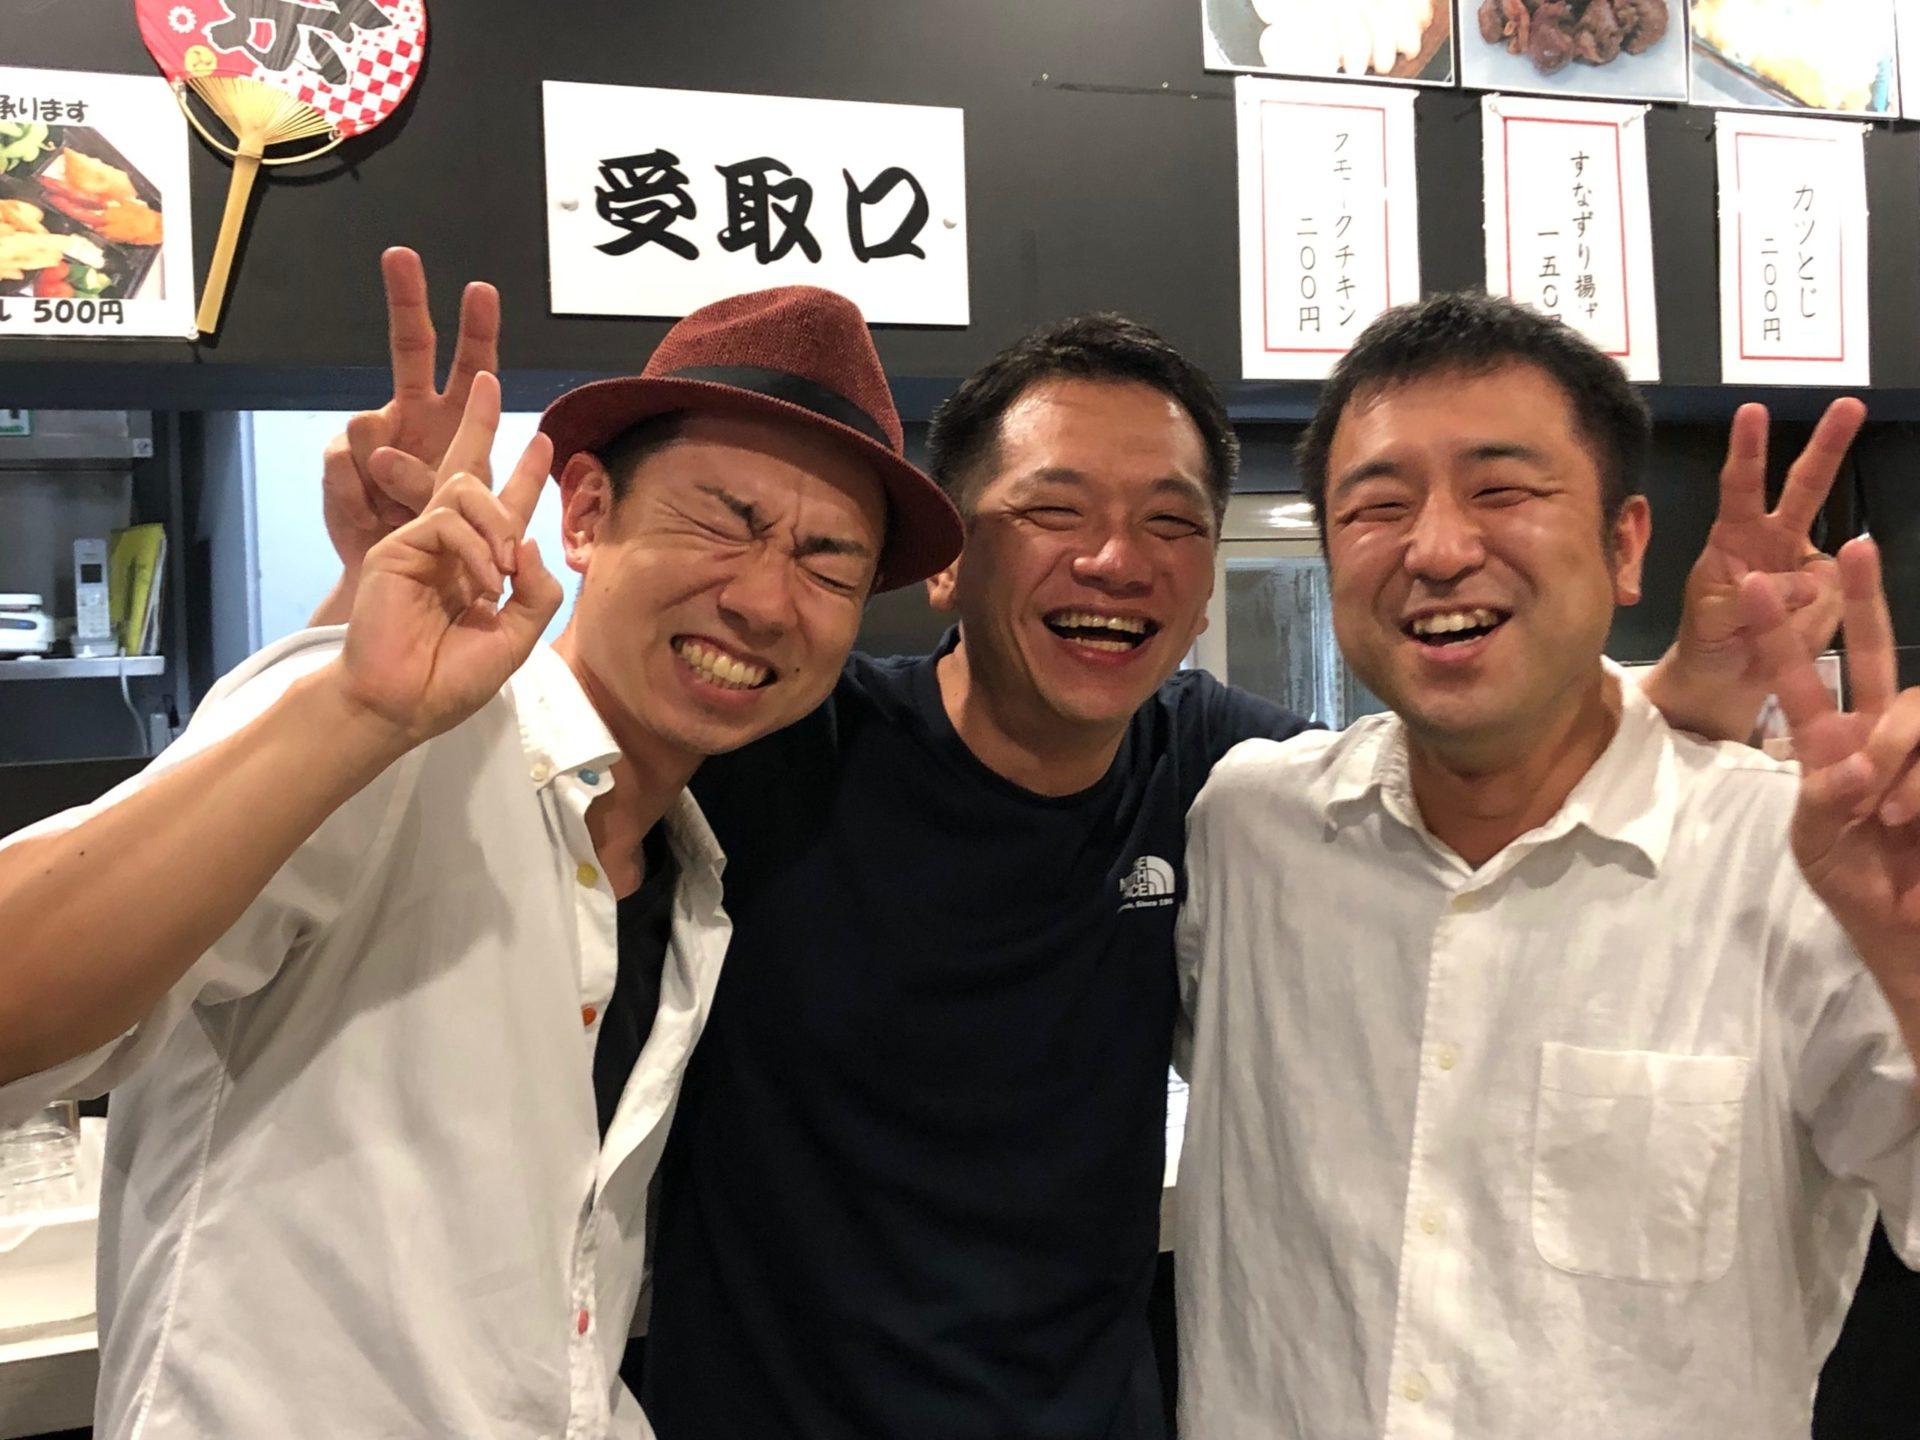 中尾さん前田古霜さん